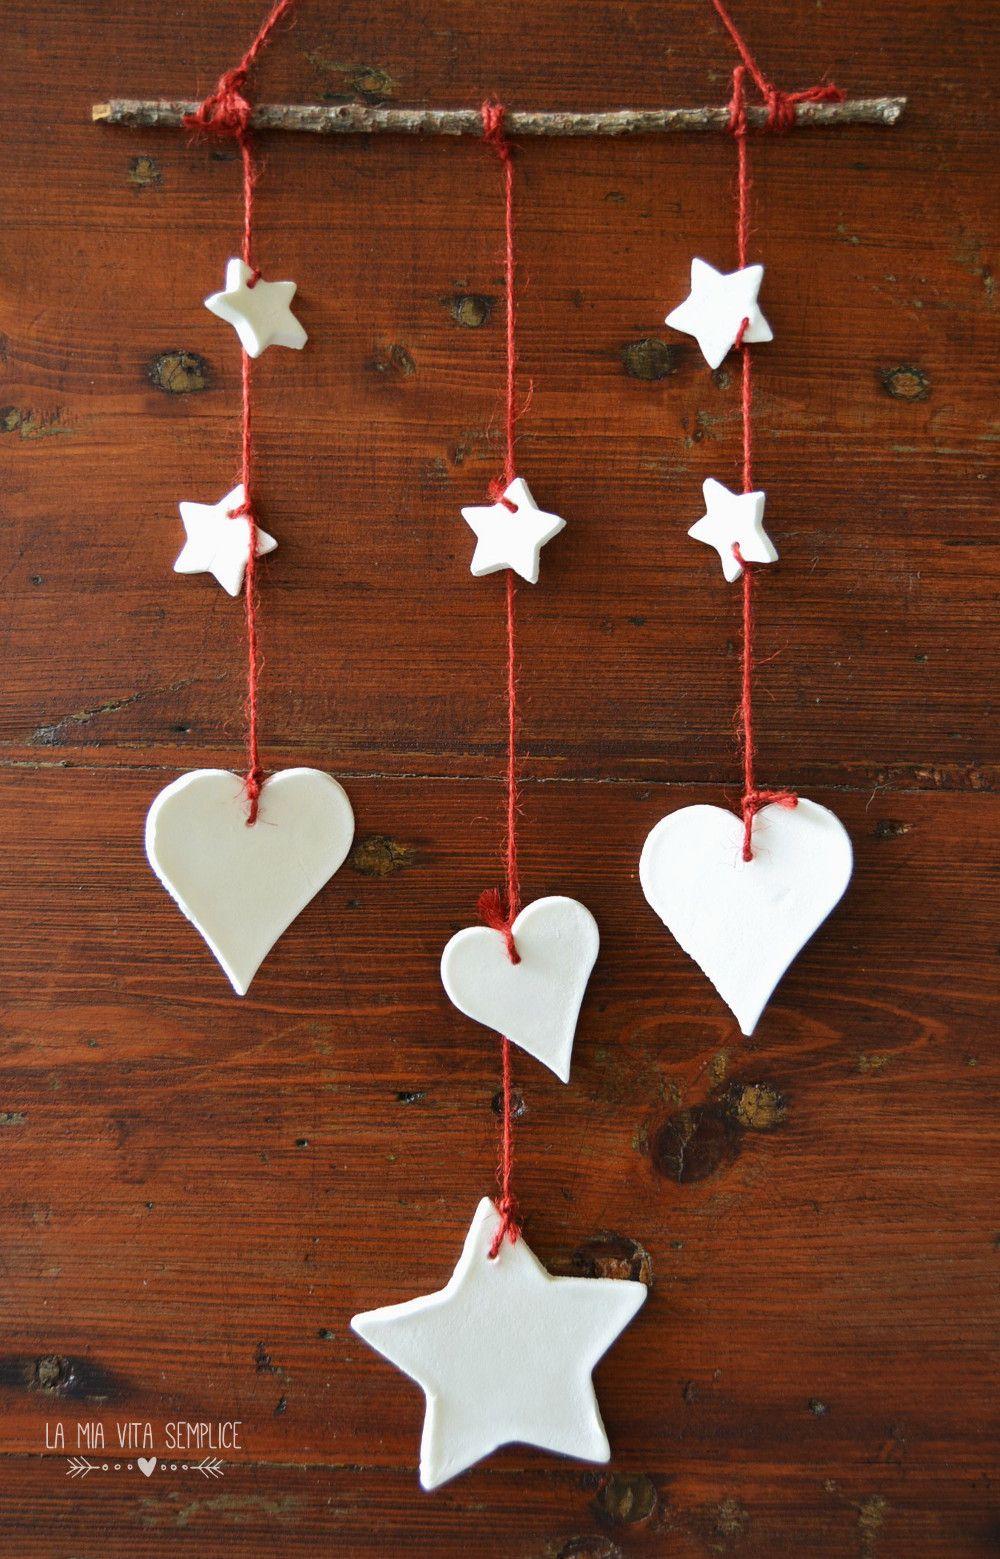 Decorazioni di Natale fai da te con